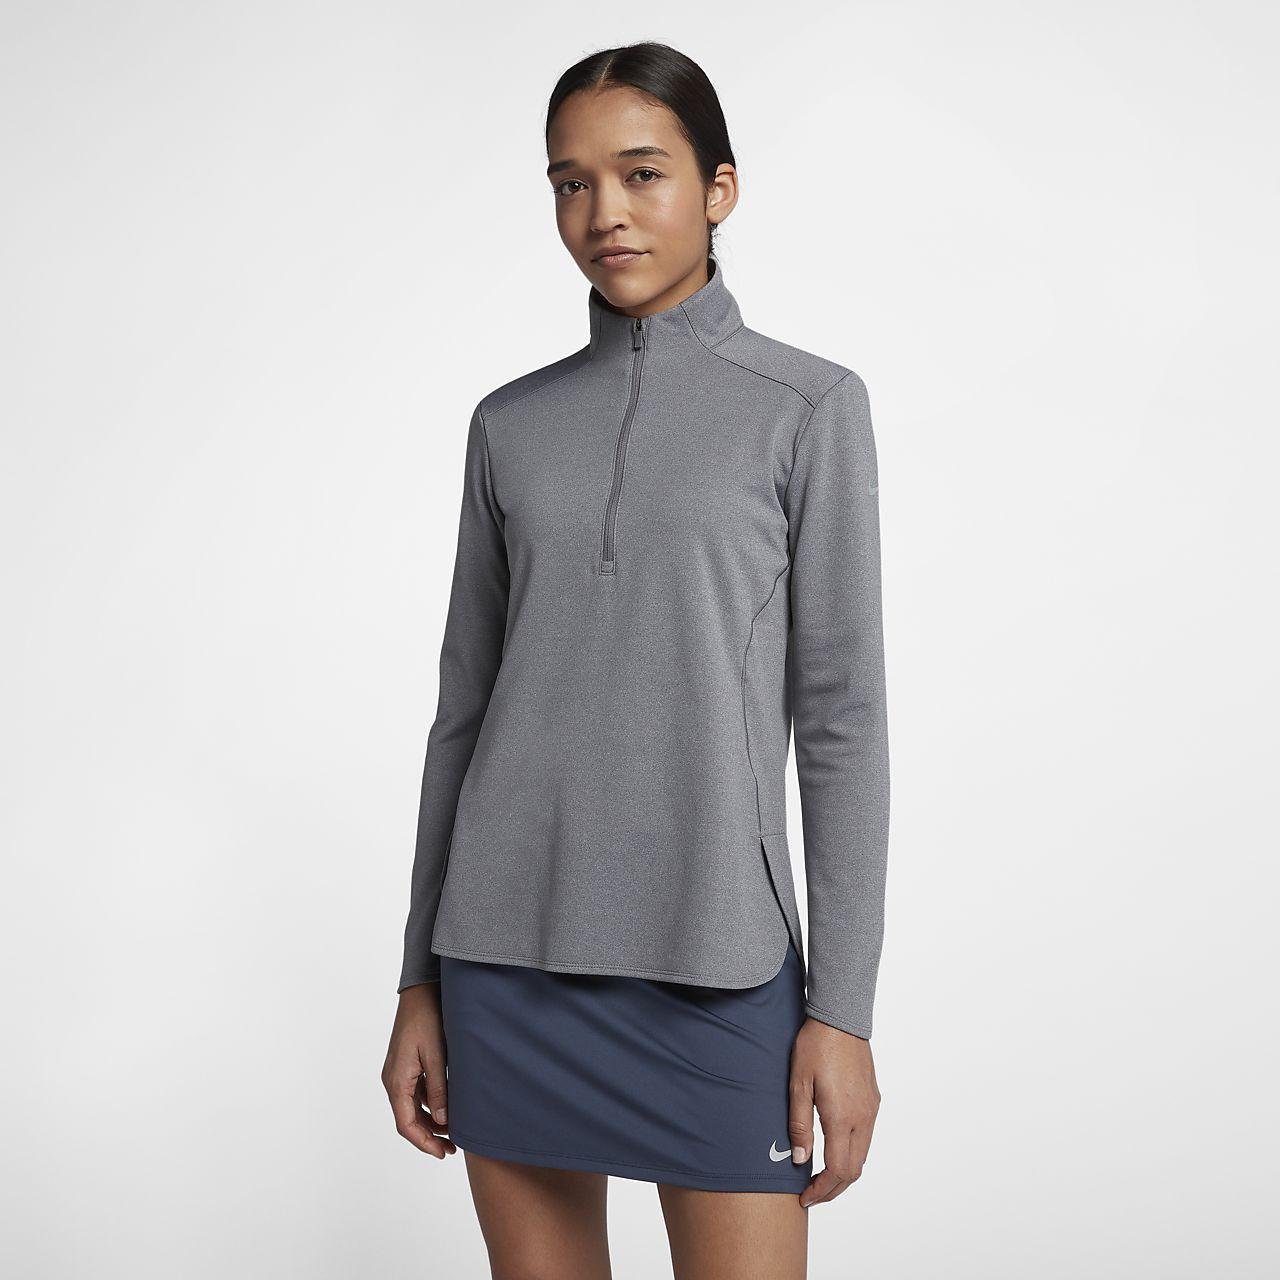 Γυναικεία μακρυμάνικη μπλούζα γκολφ Nike Dri-FIT